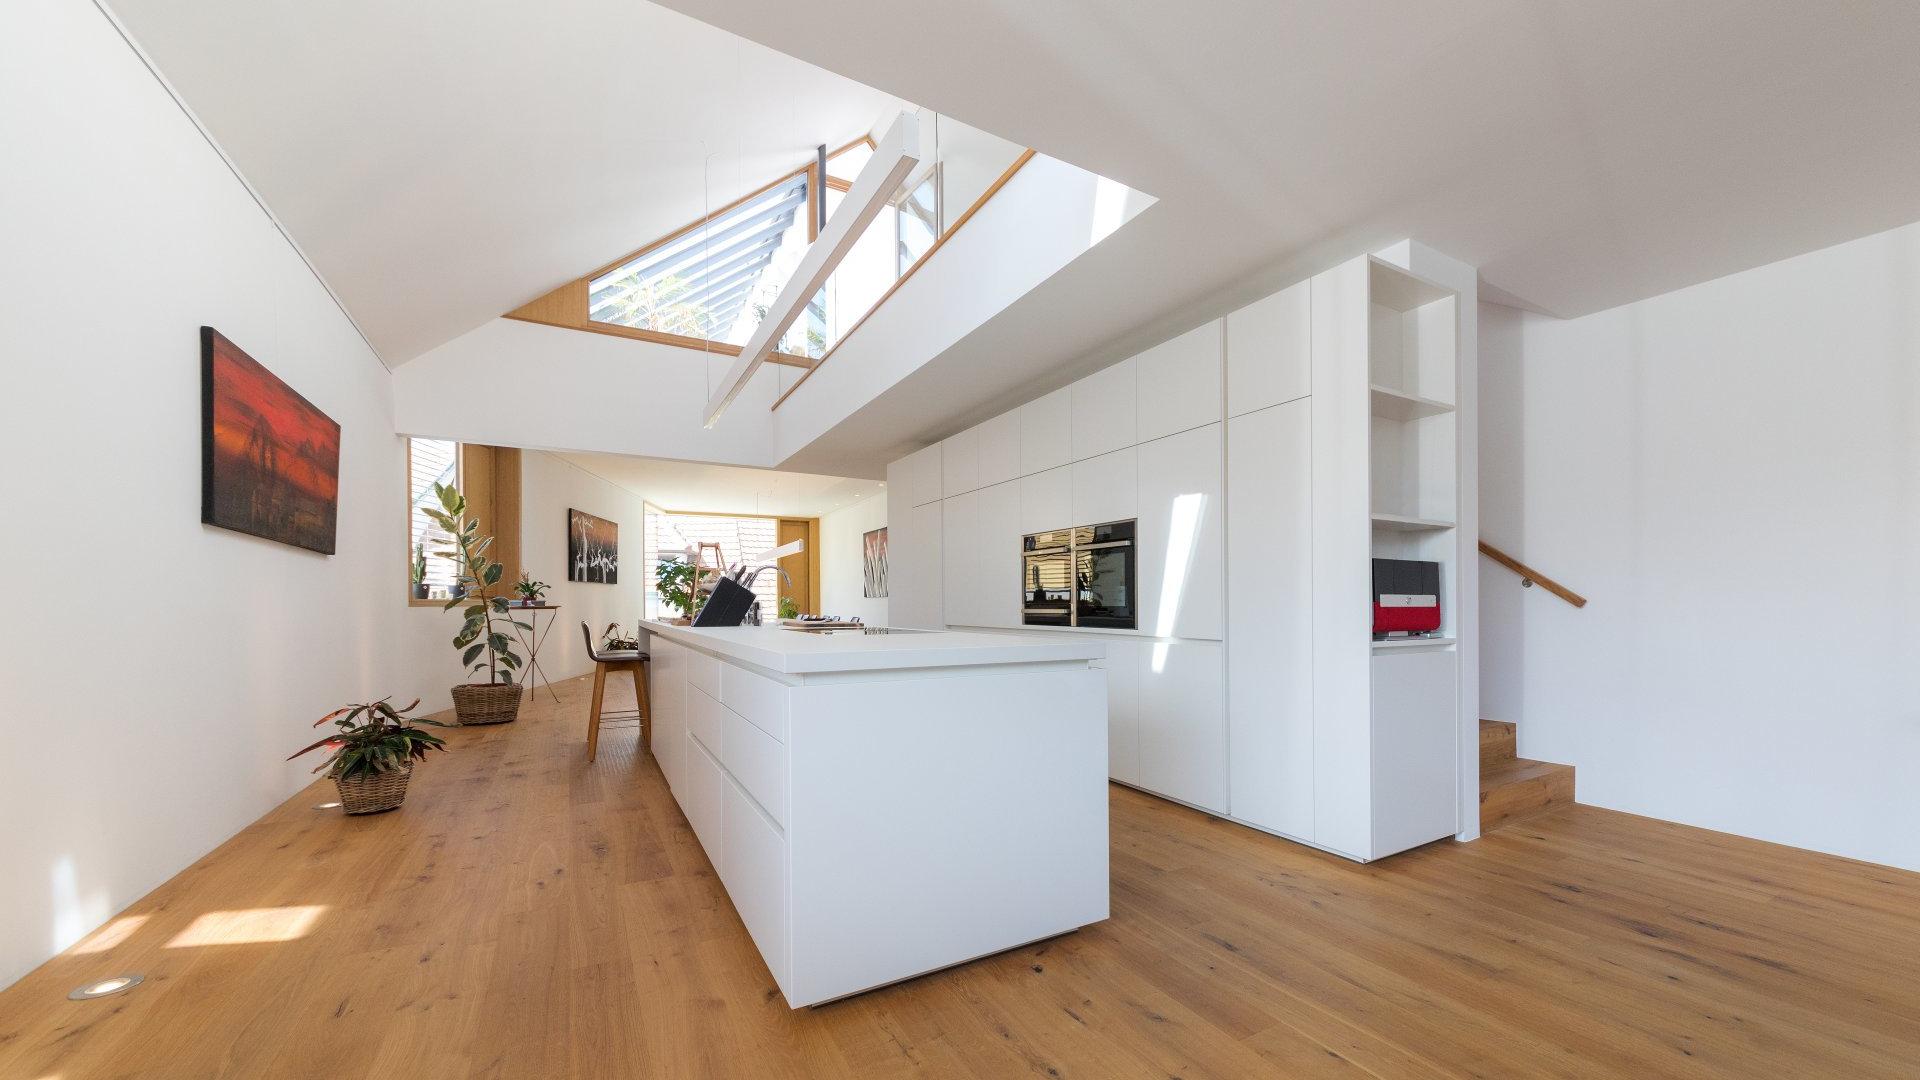 ©Romana Fürnkranz / Innenansicht mit offener Küche